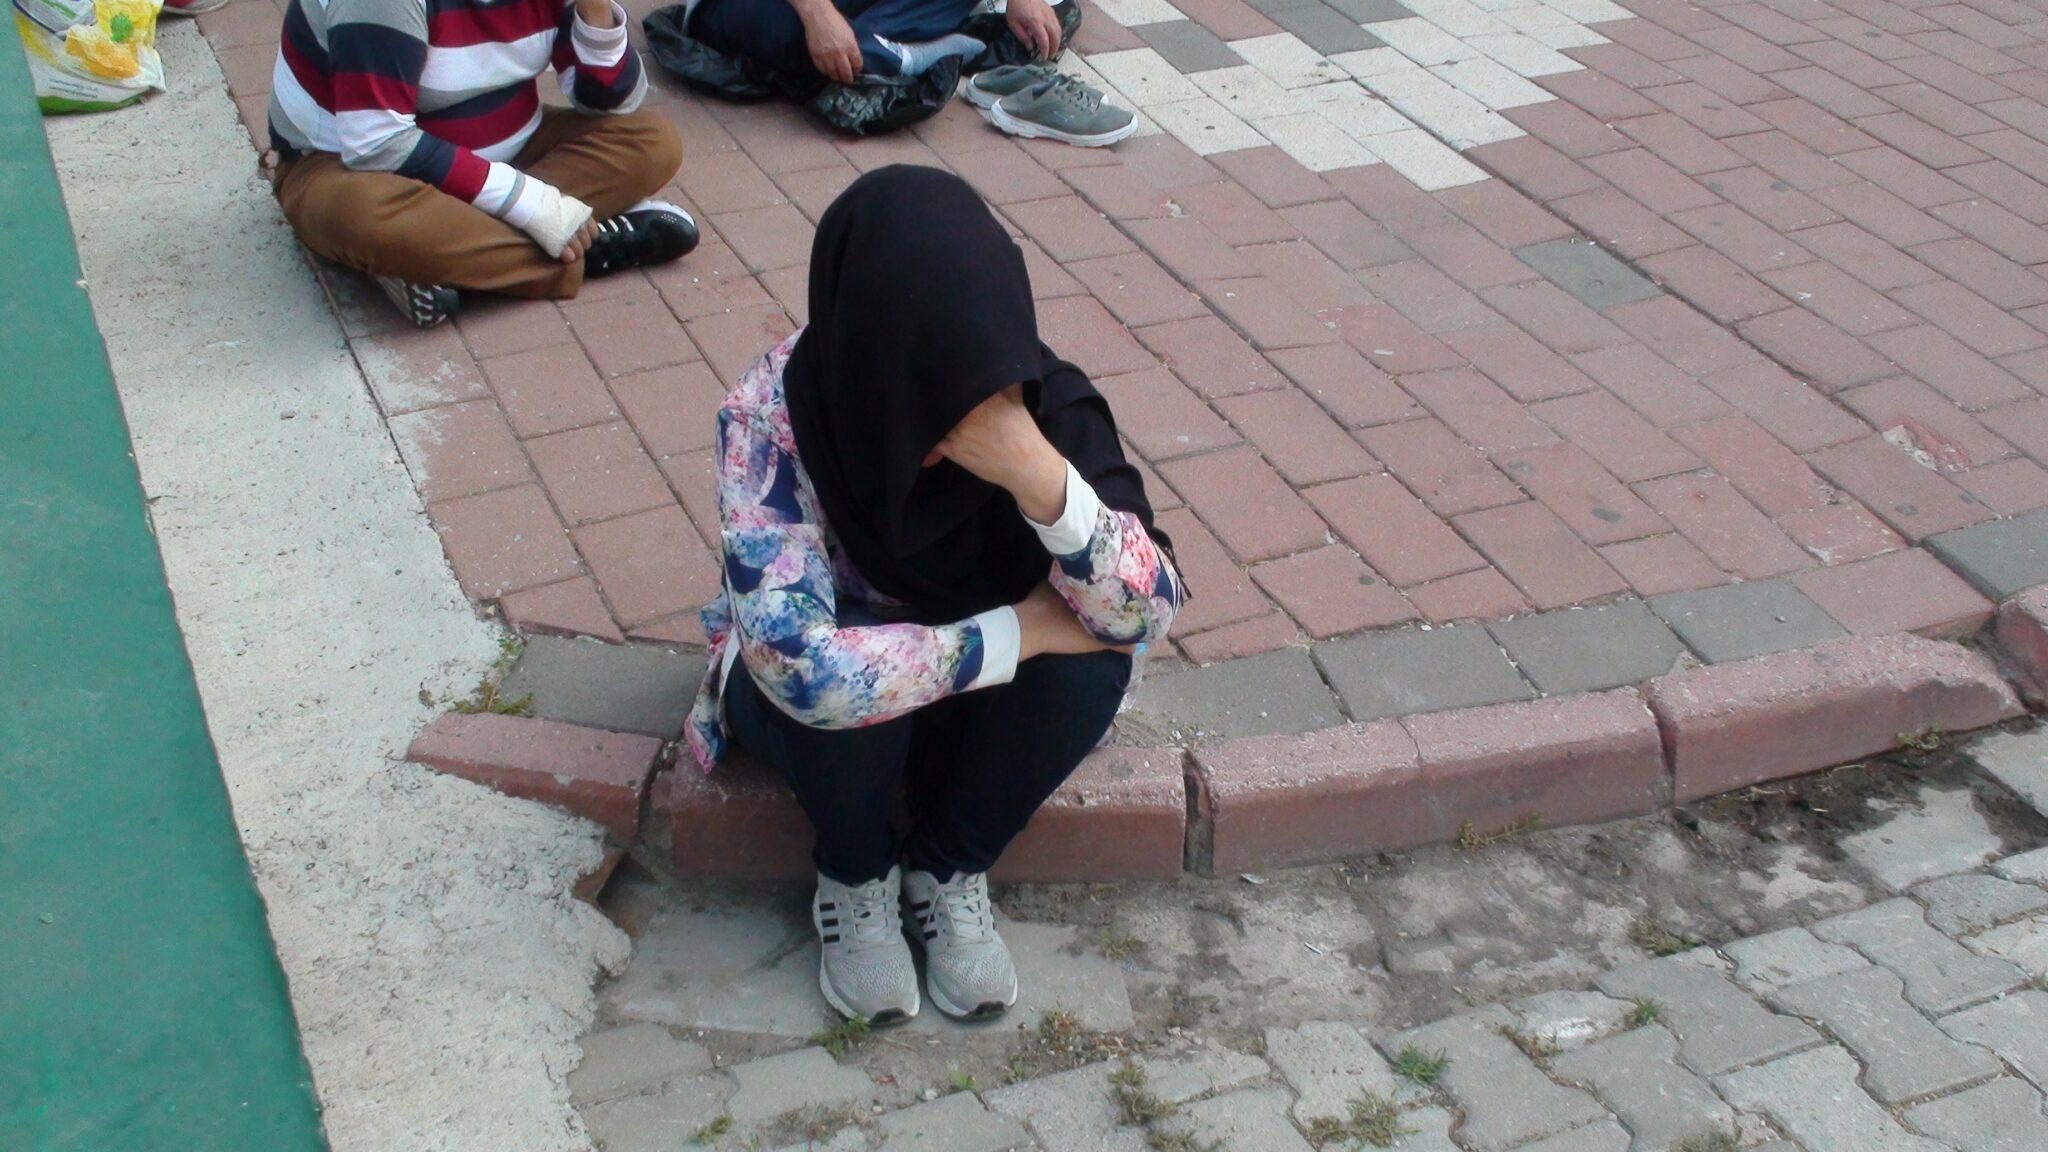 Mülteciler arasında Yunanistan'a kaçmaya çalışan FETÖ üyesine operasyon